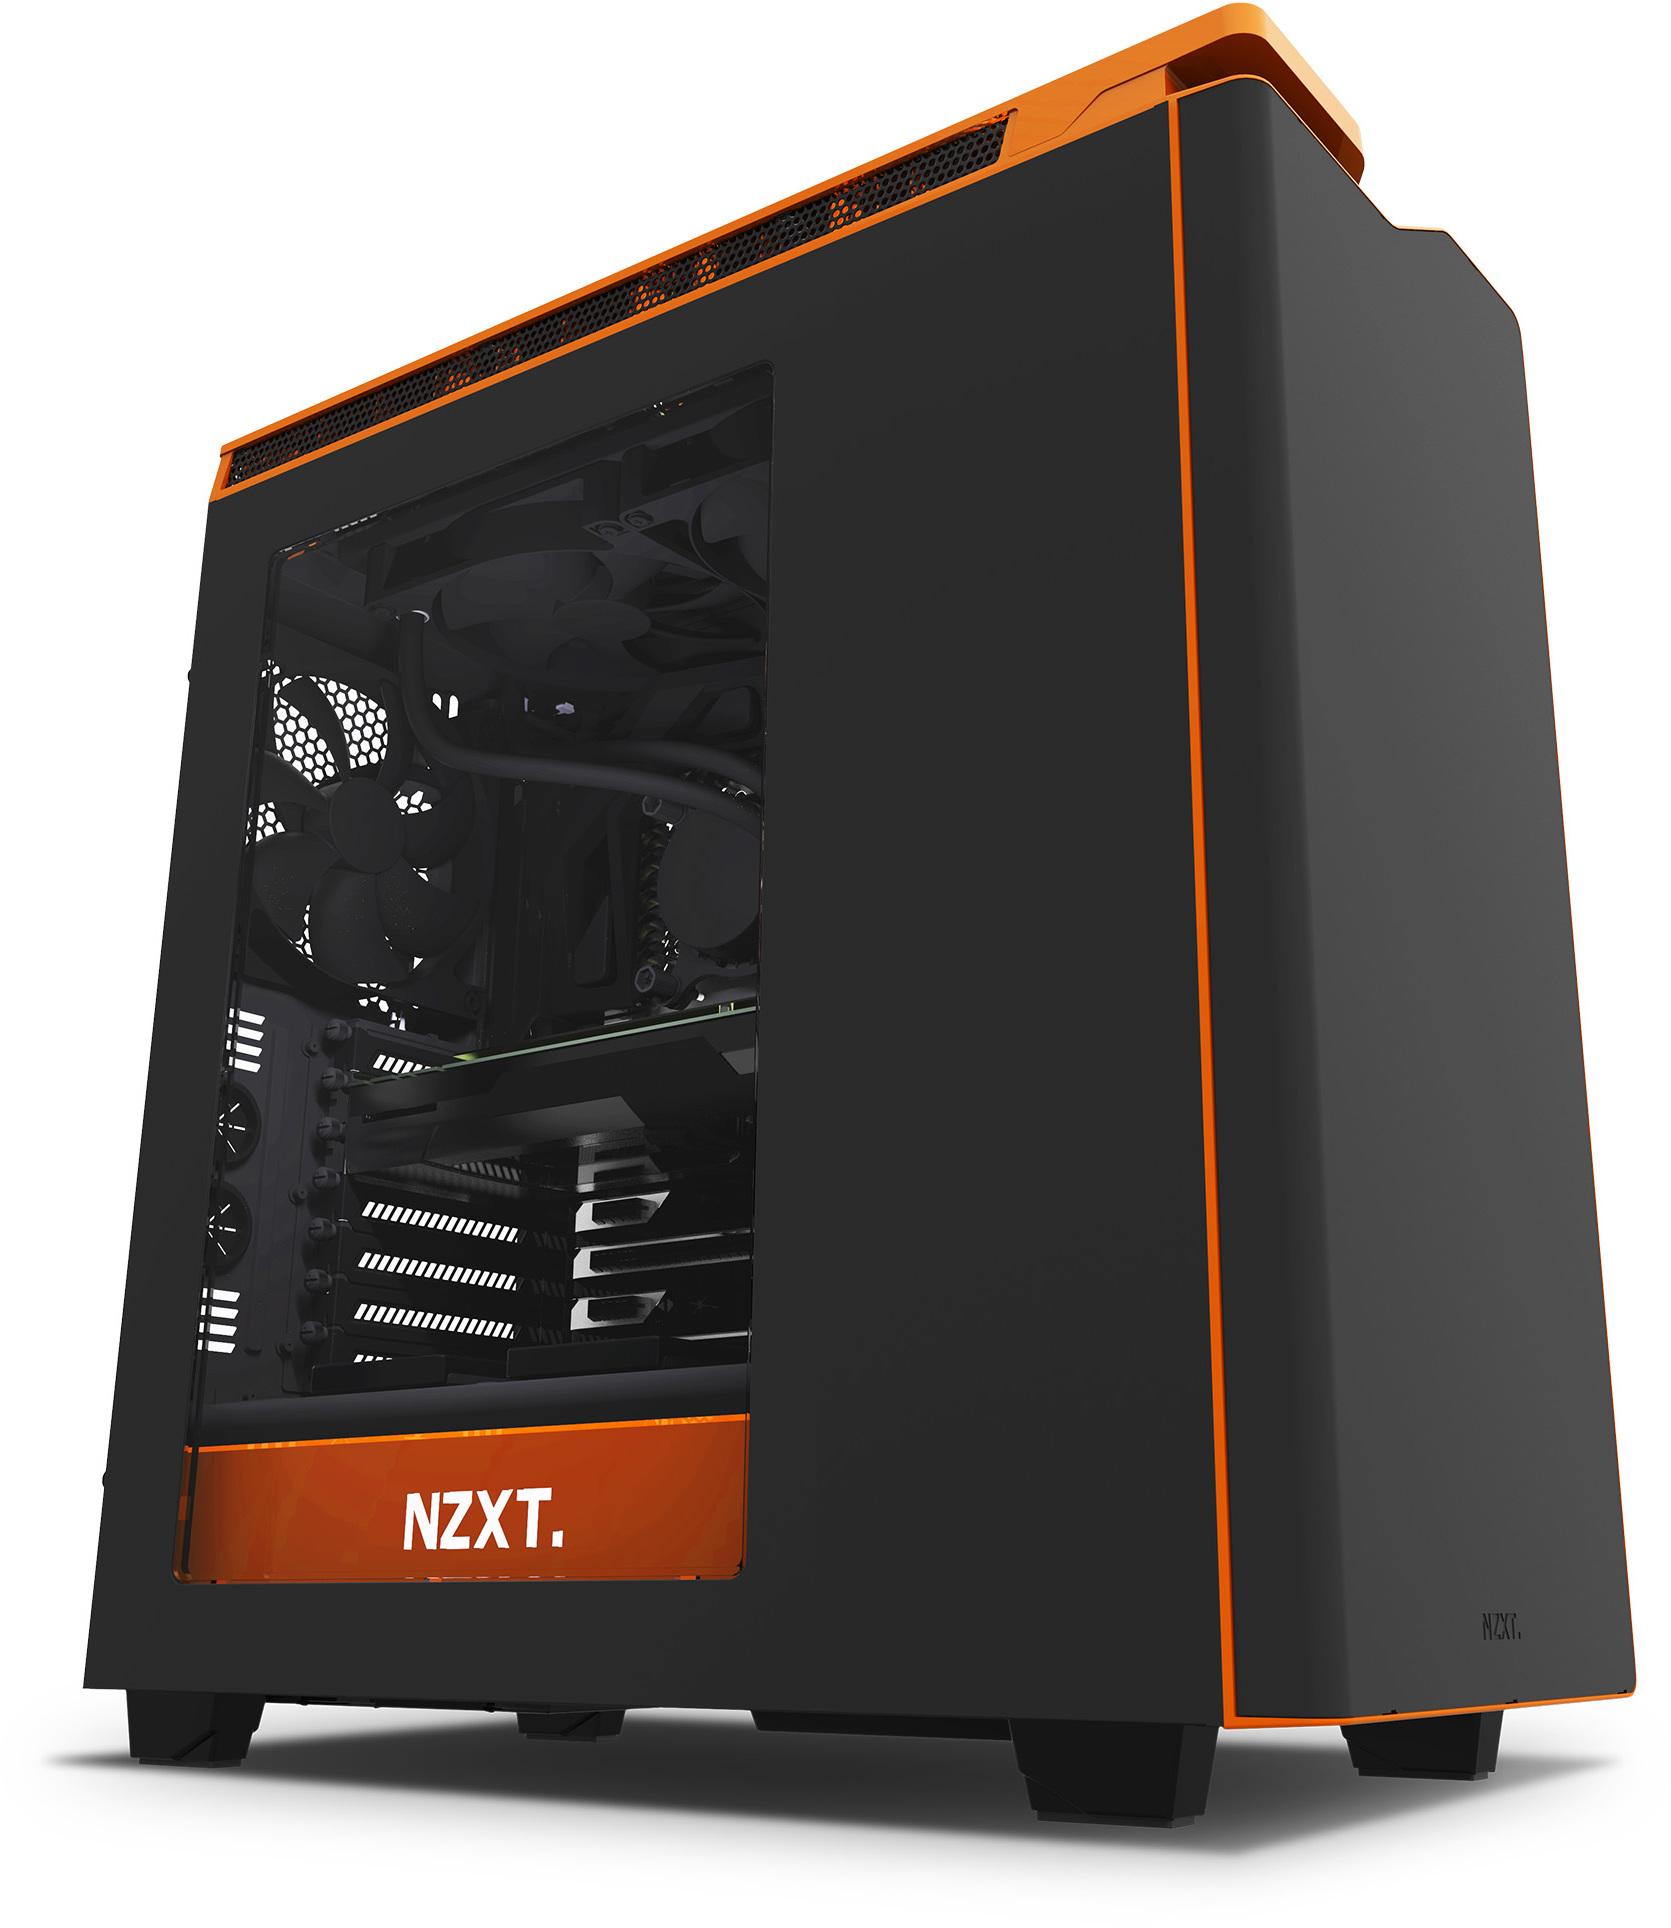 Nzxt h440 new edition zwart/oranje   specificaties   tweakers